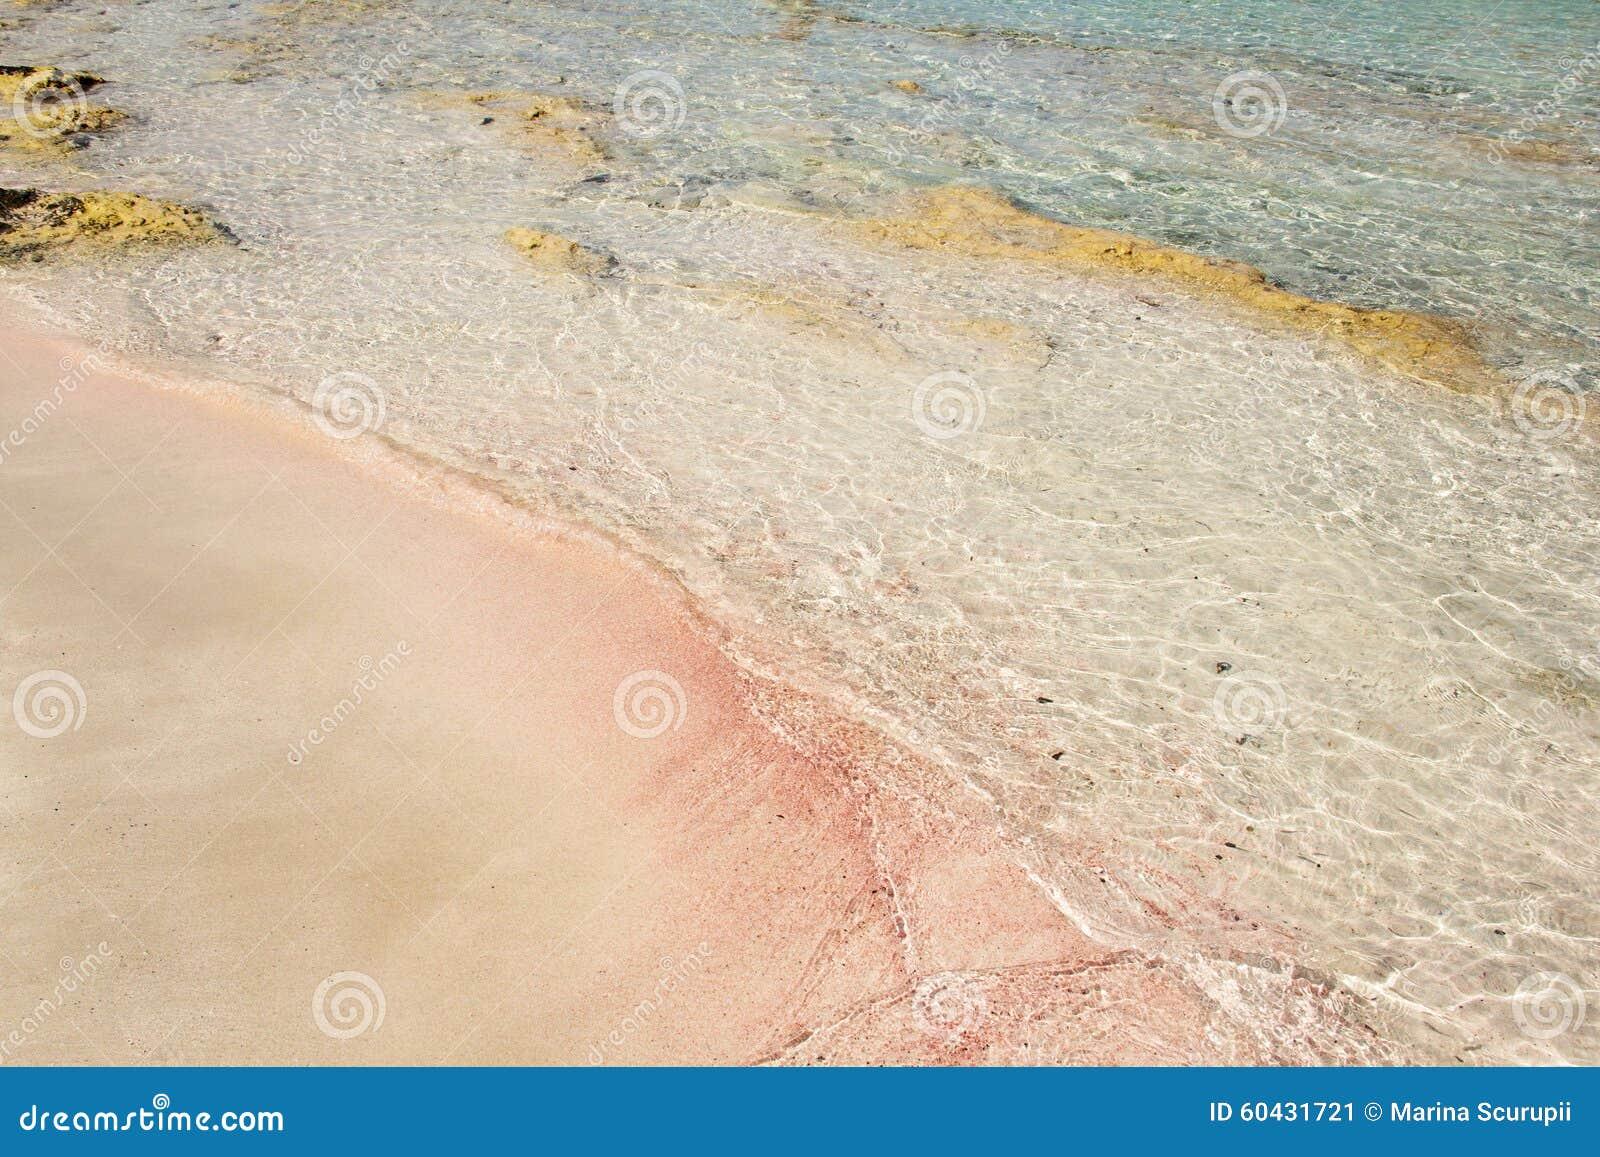 розовая лагуна скачать